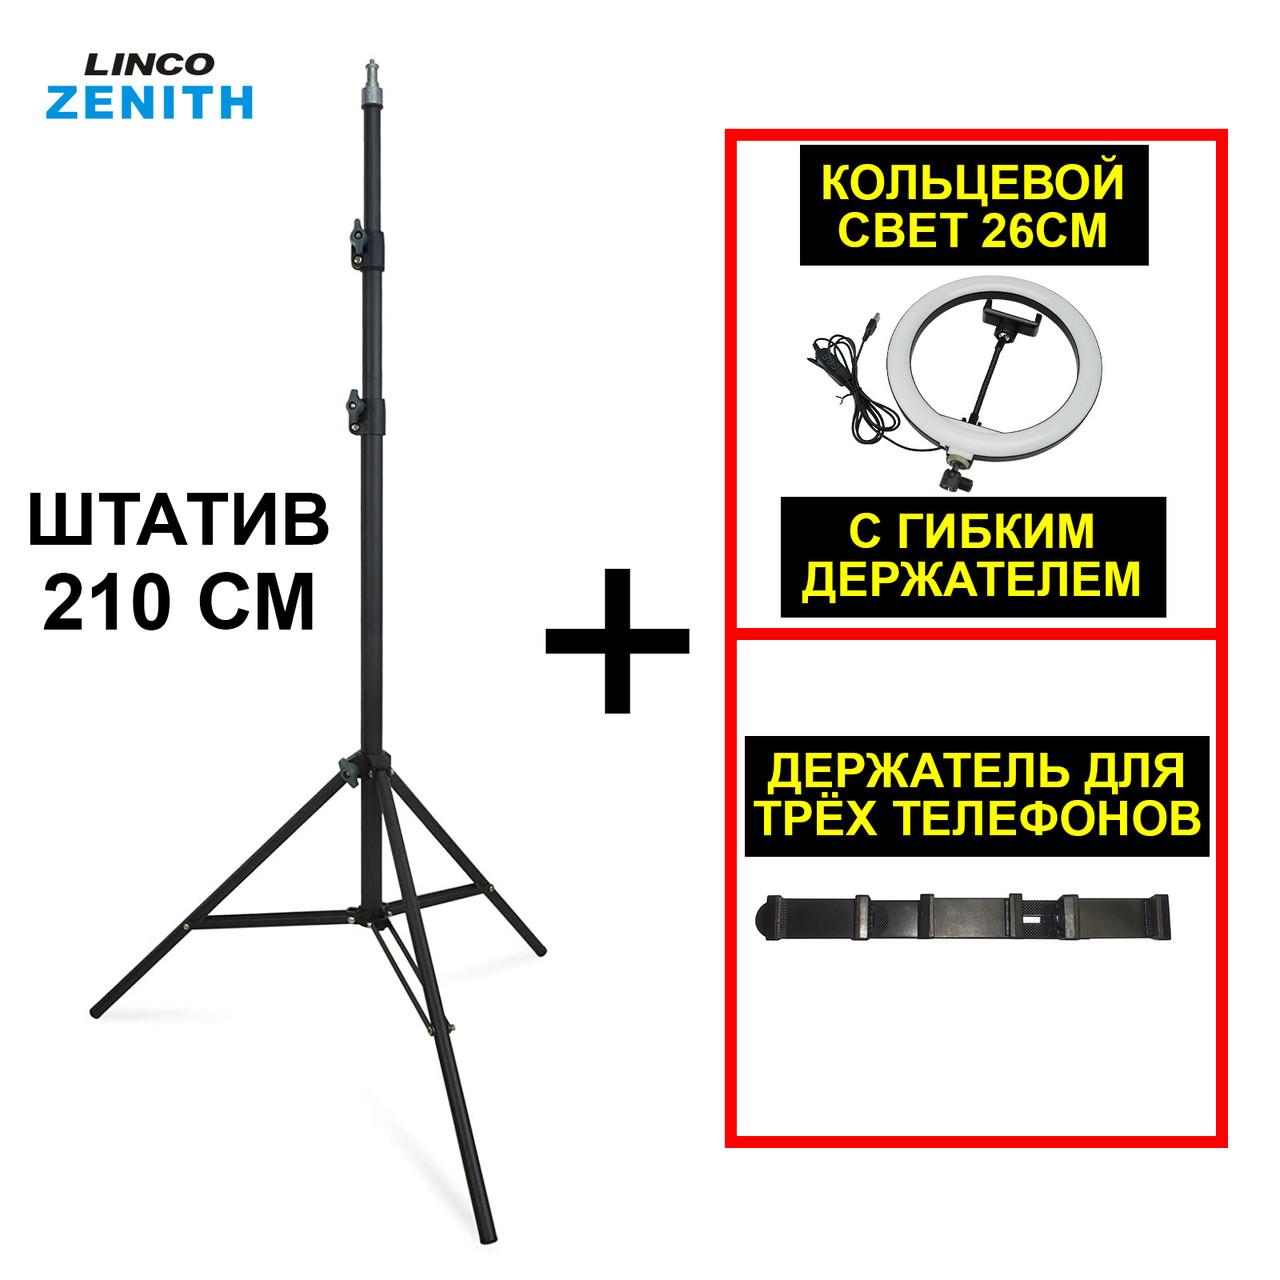 Комплект блогера LINCO ZENITH Кільцева лампа 26 см + Штатив 210 см + тримач для 3 телефонів